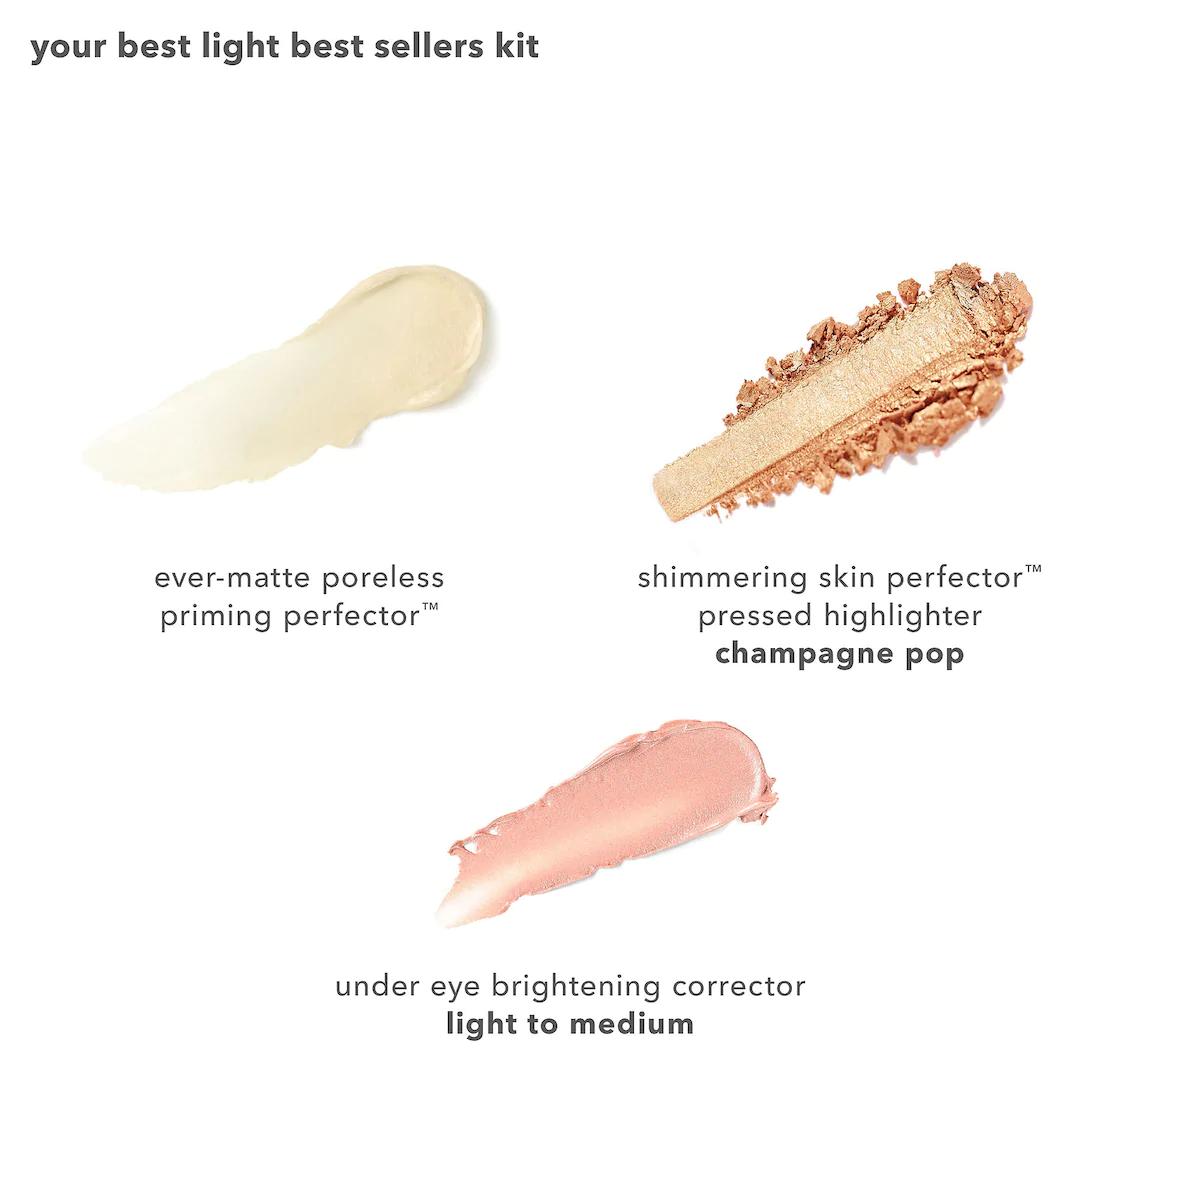 Becca Your Best Light Bestsellers Kit